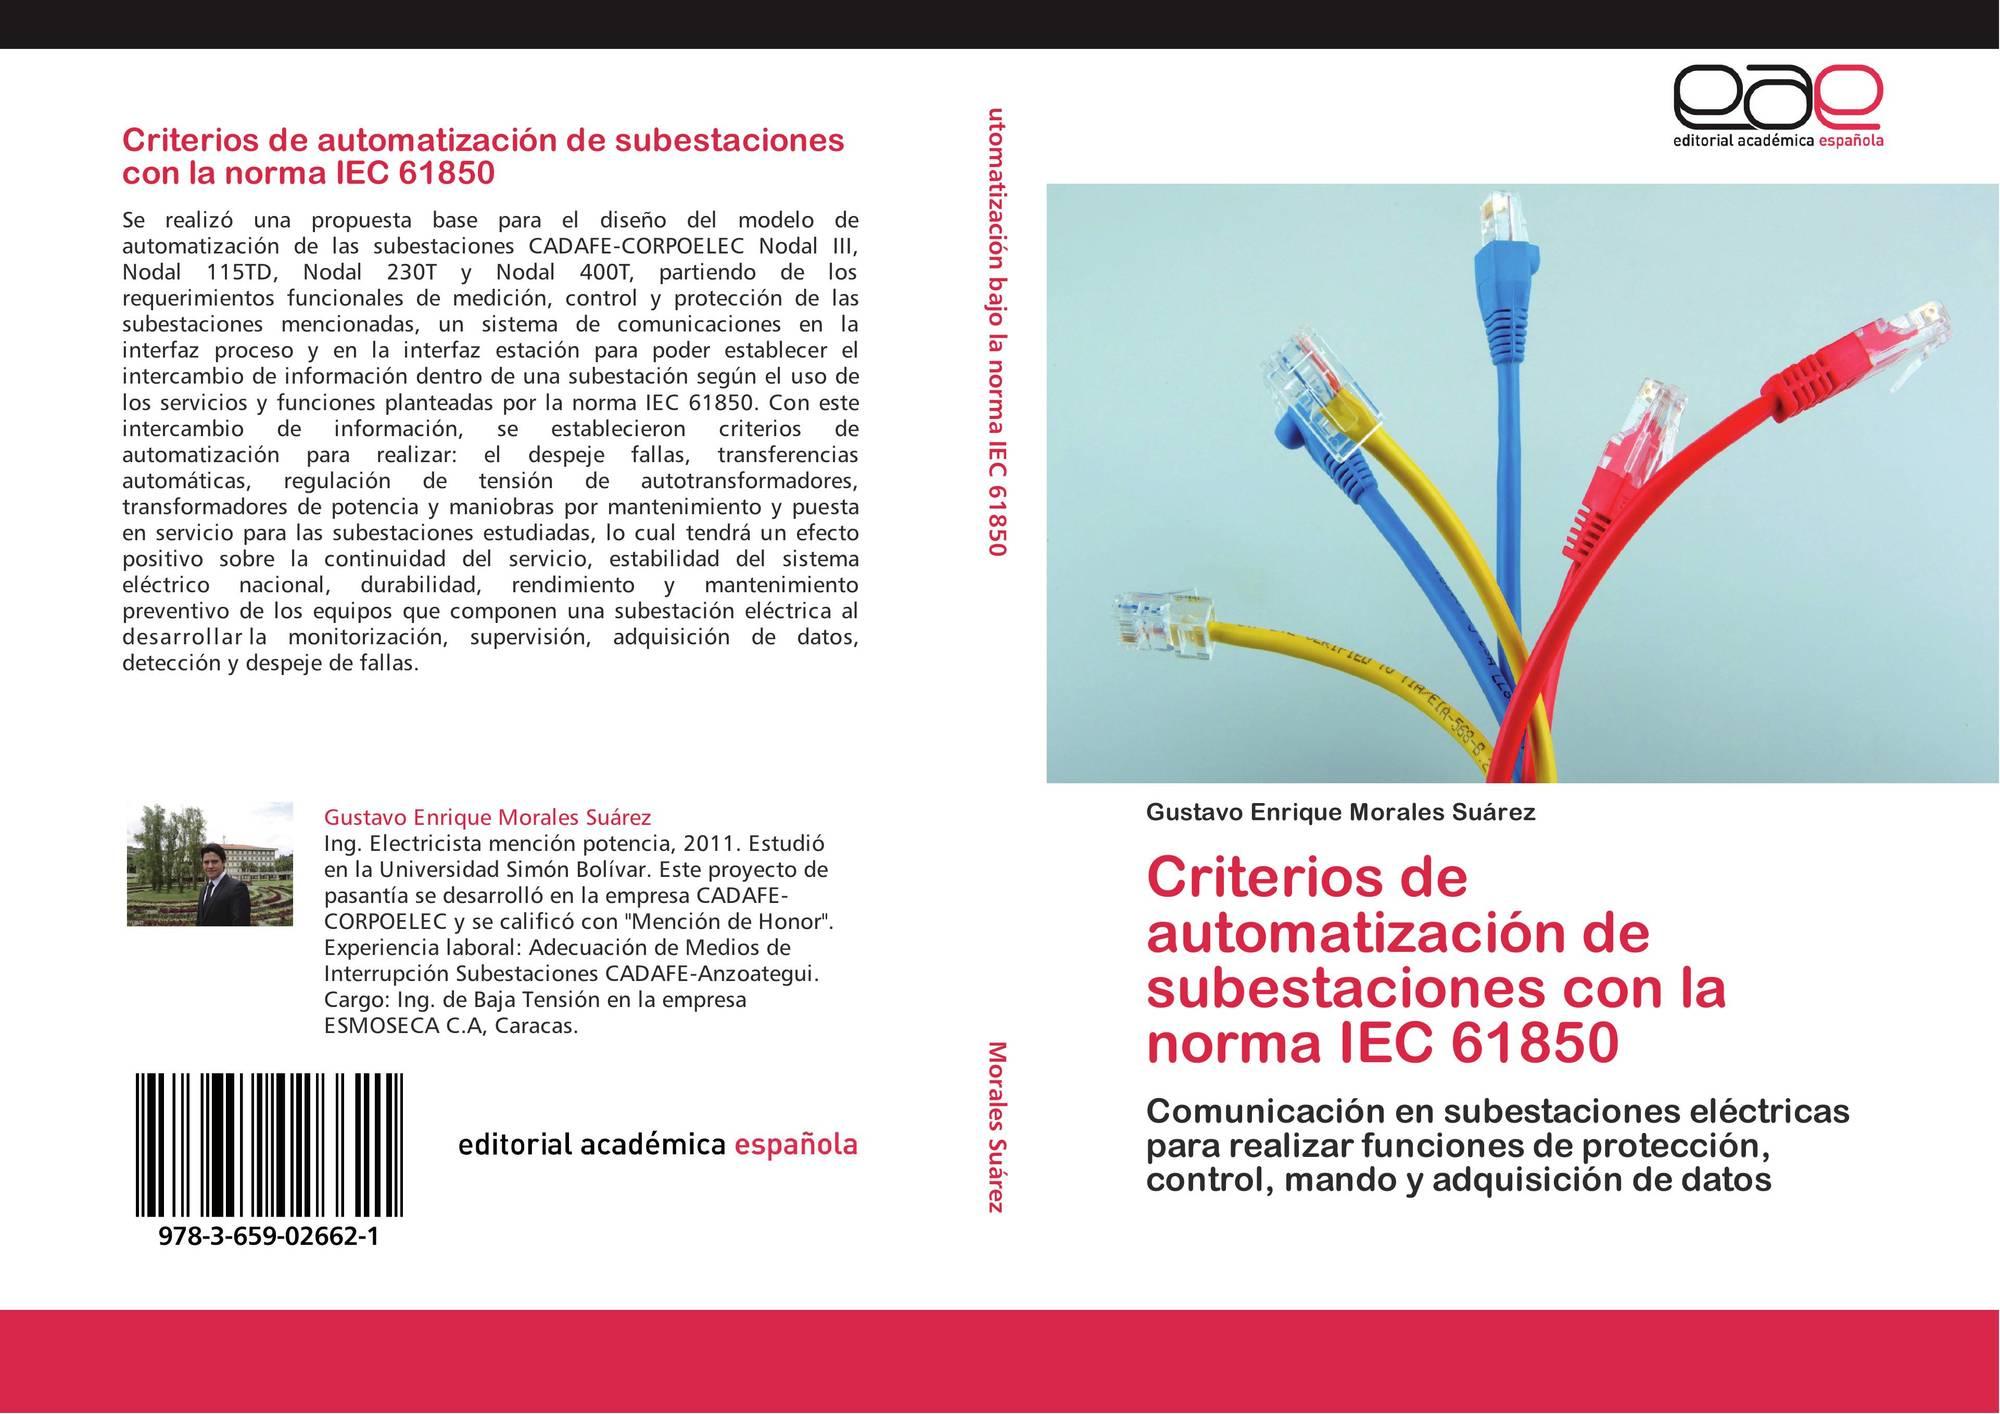 Criterios de automatizaci n de subestaciones con la norma for Libro fuera de norma